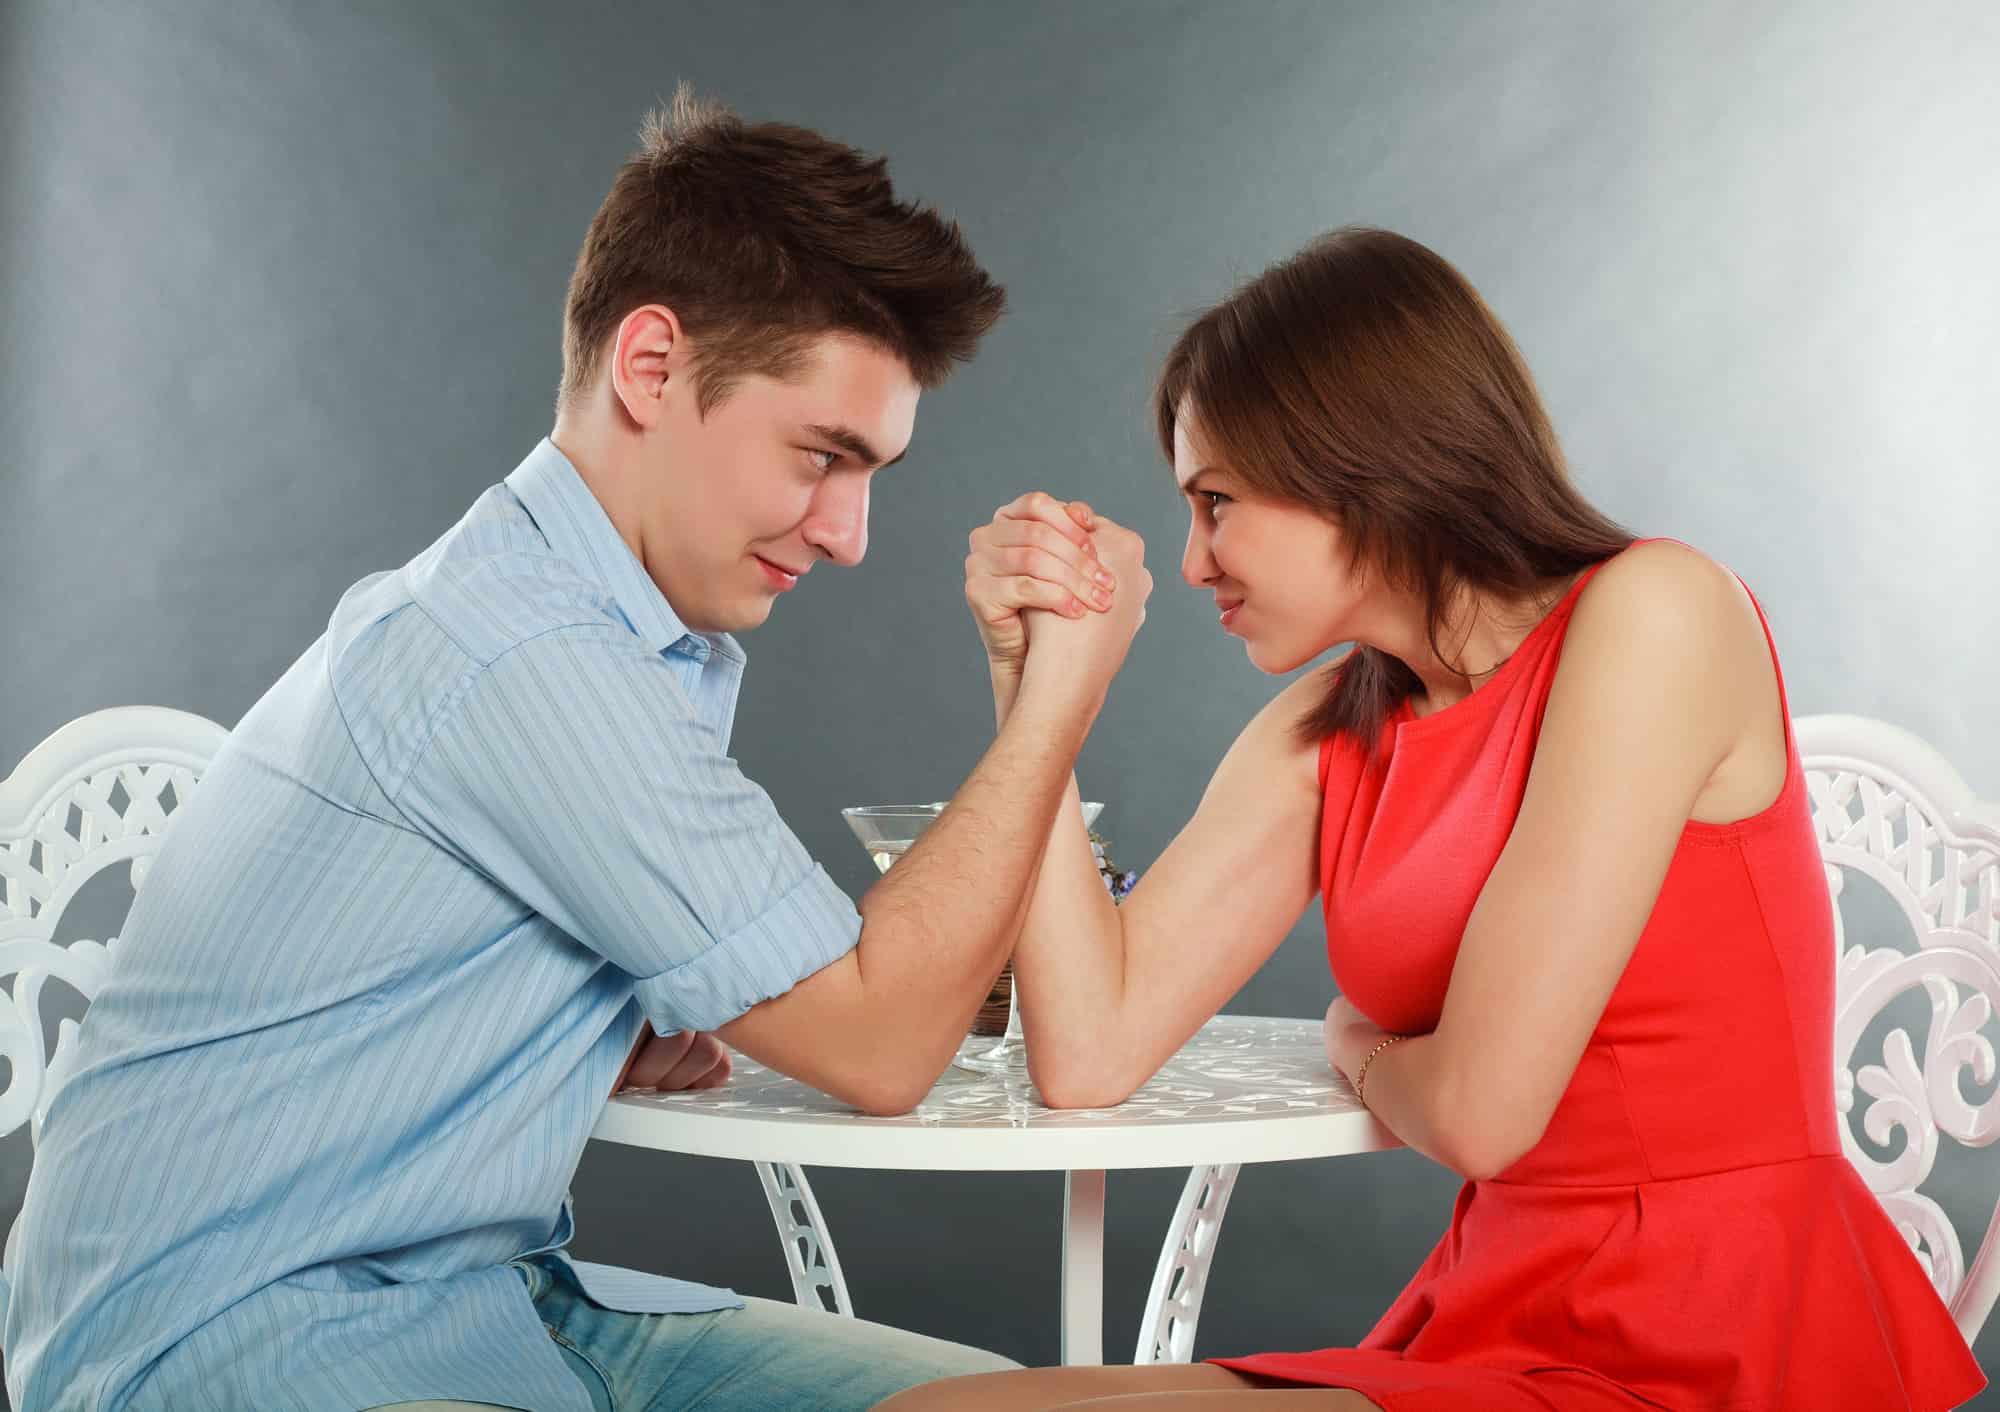 Párkapcsolat, veszekedés - Működő Párkapcsolat